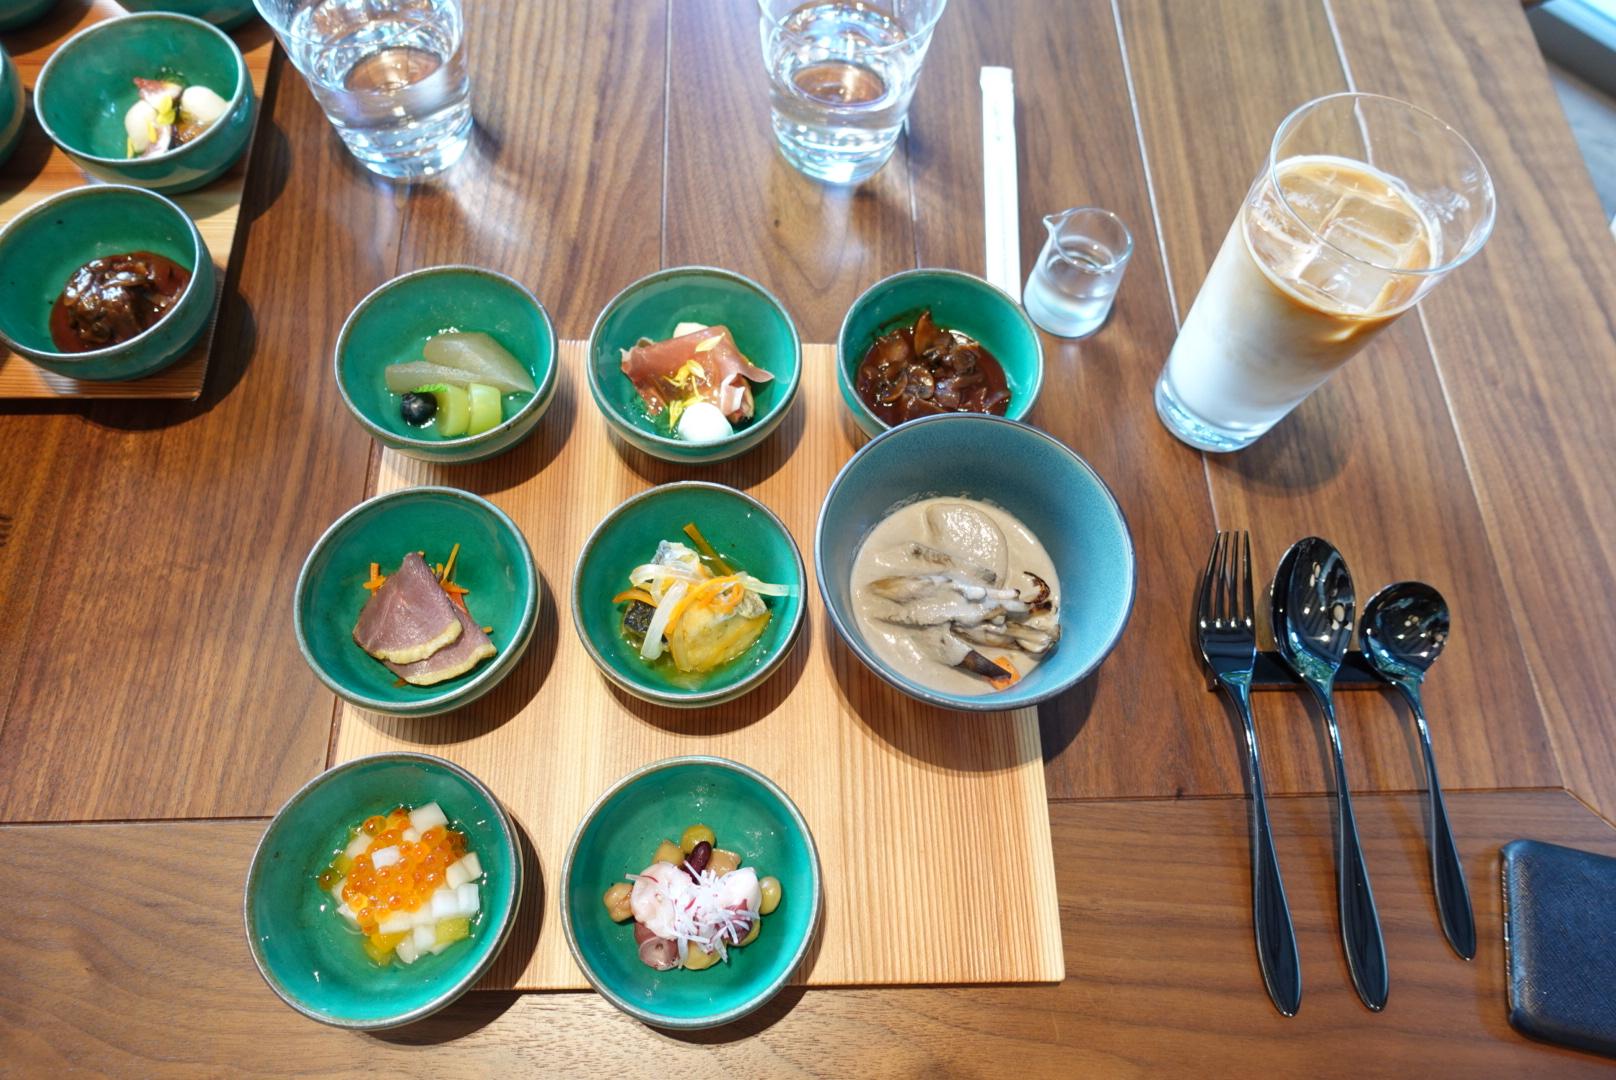 2020年7月にNew OpenしたZentis OSAKAに宿泊してみたらスタイリッシュかつ朝食が美味しい!?_5